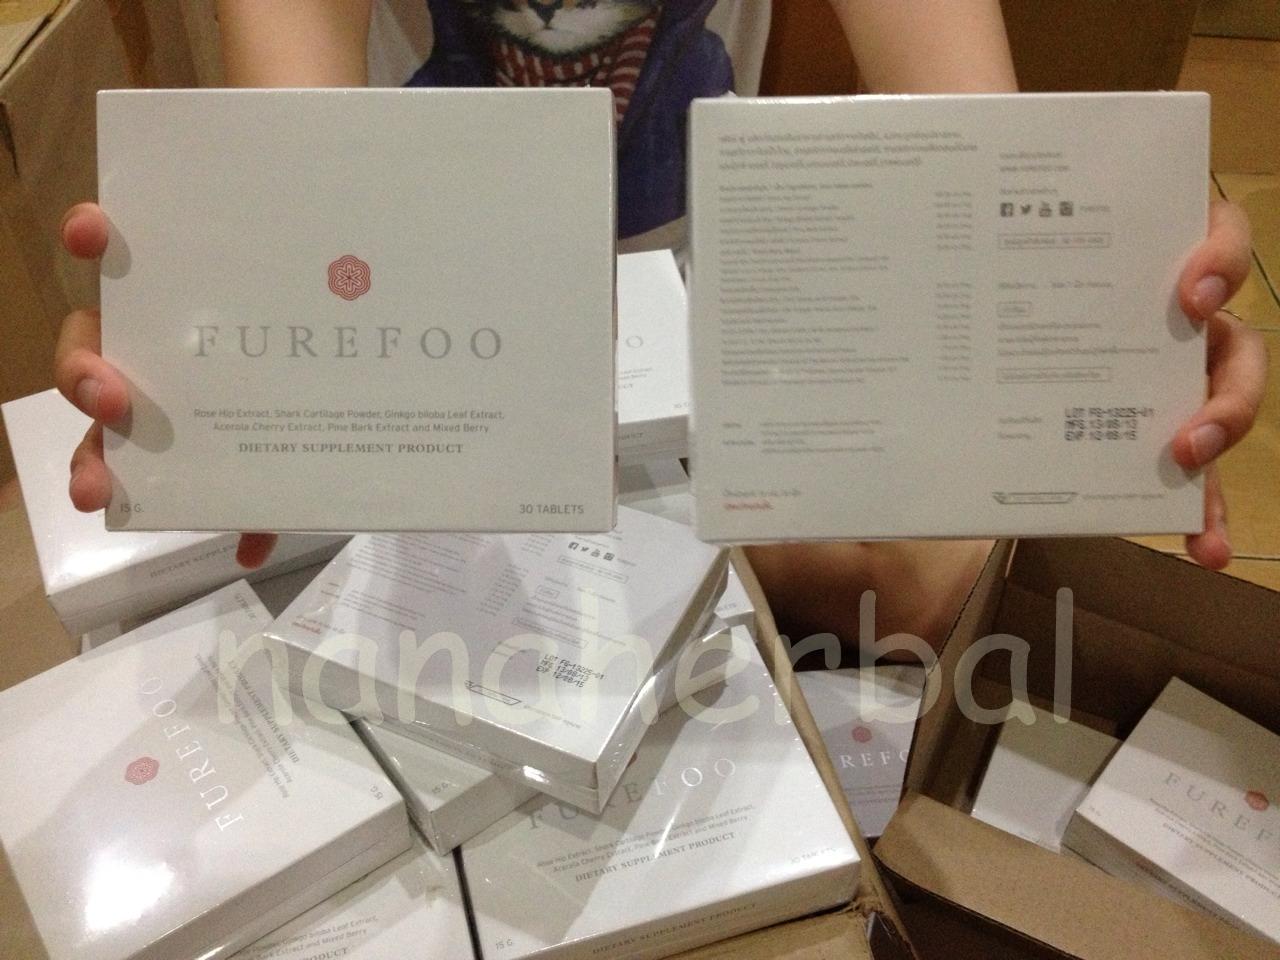 furefoo เฟอร์ฟู by ปอย ตรีชฎา